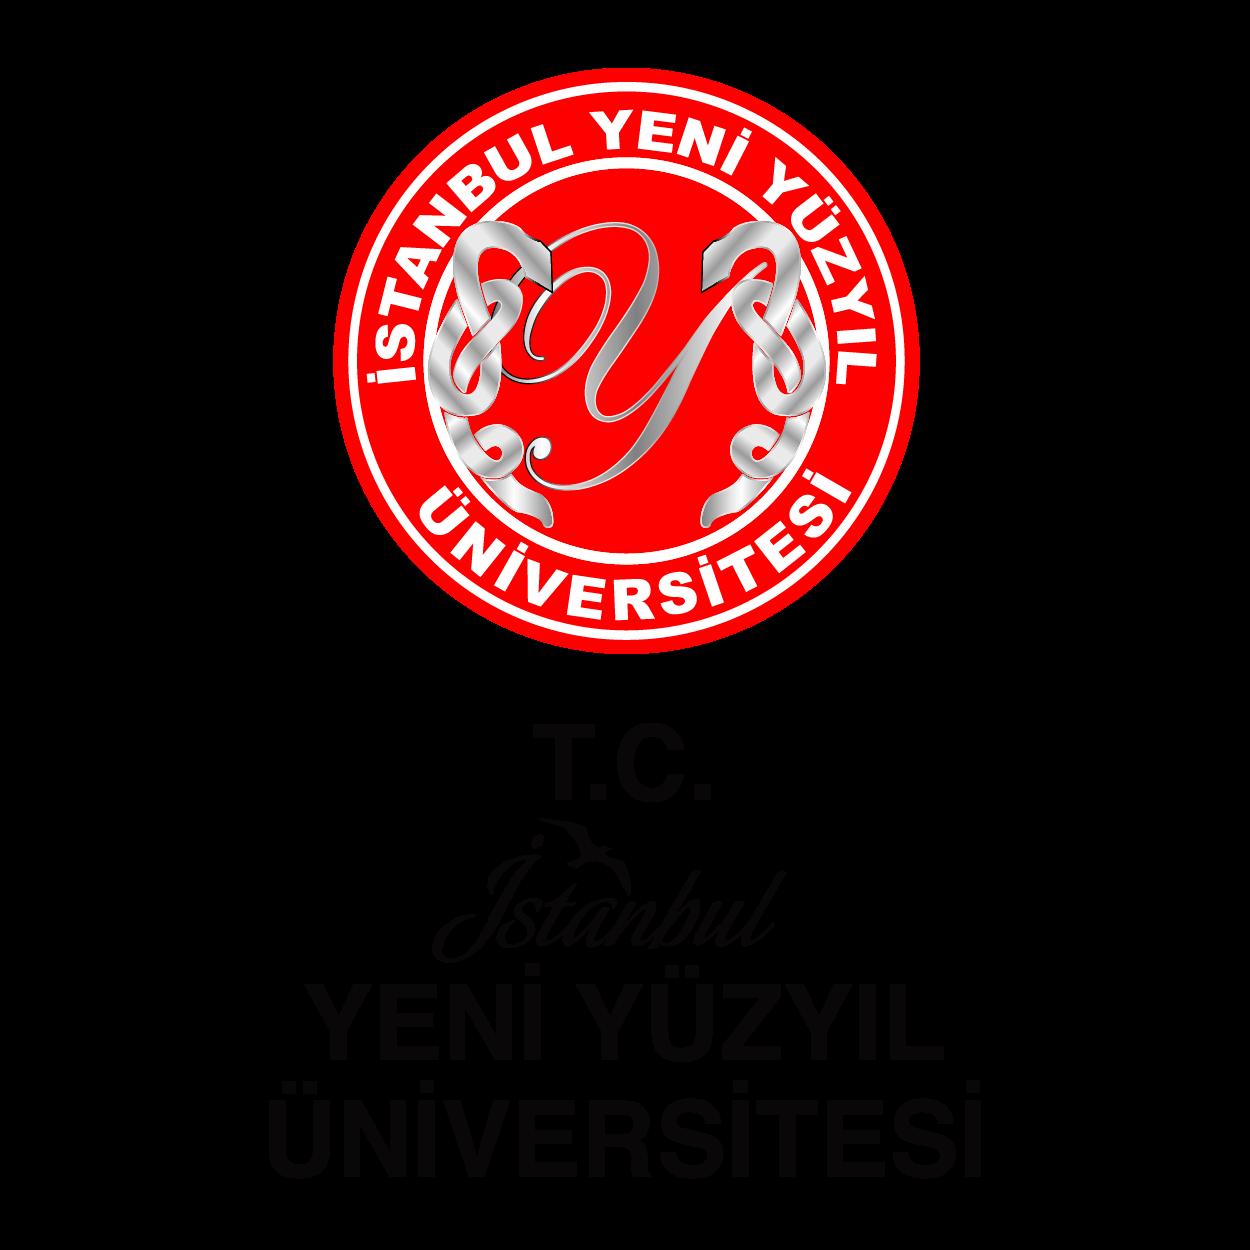 İstanbul Yeni Yüzyıl Üniversitesi tyhrth